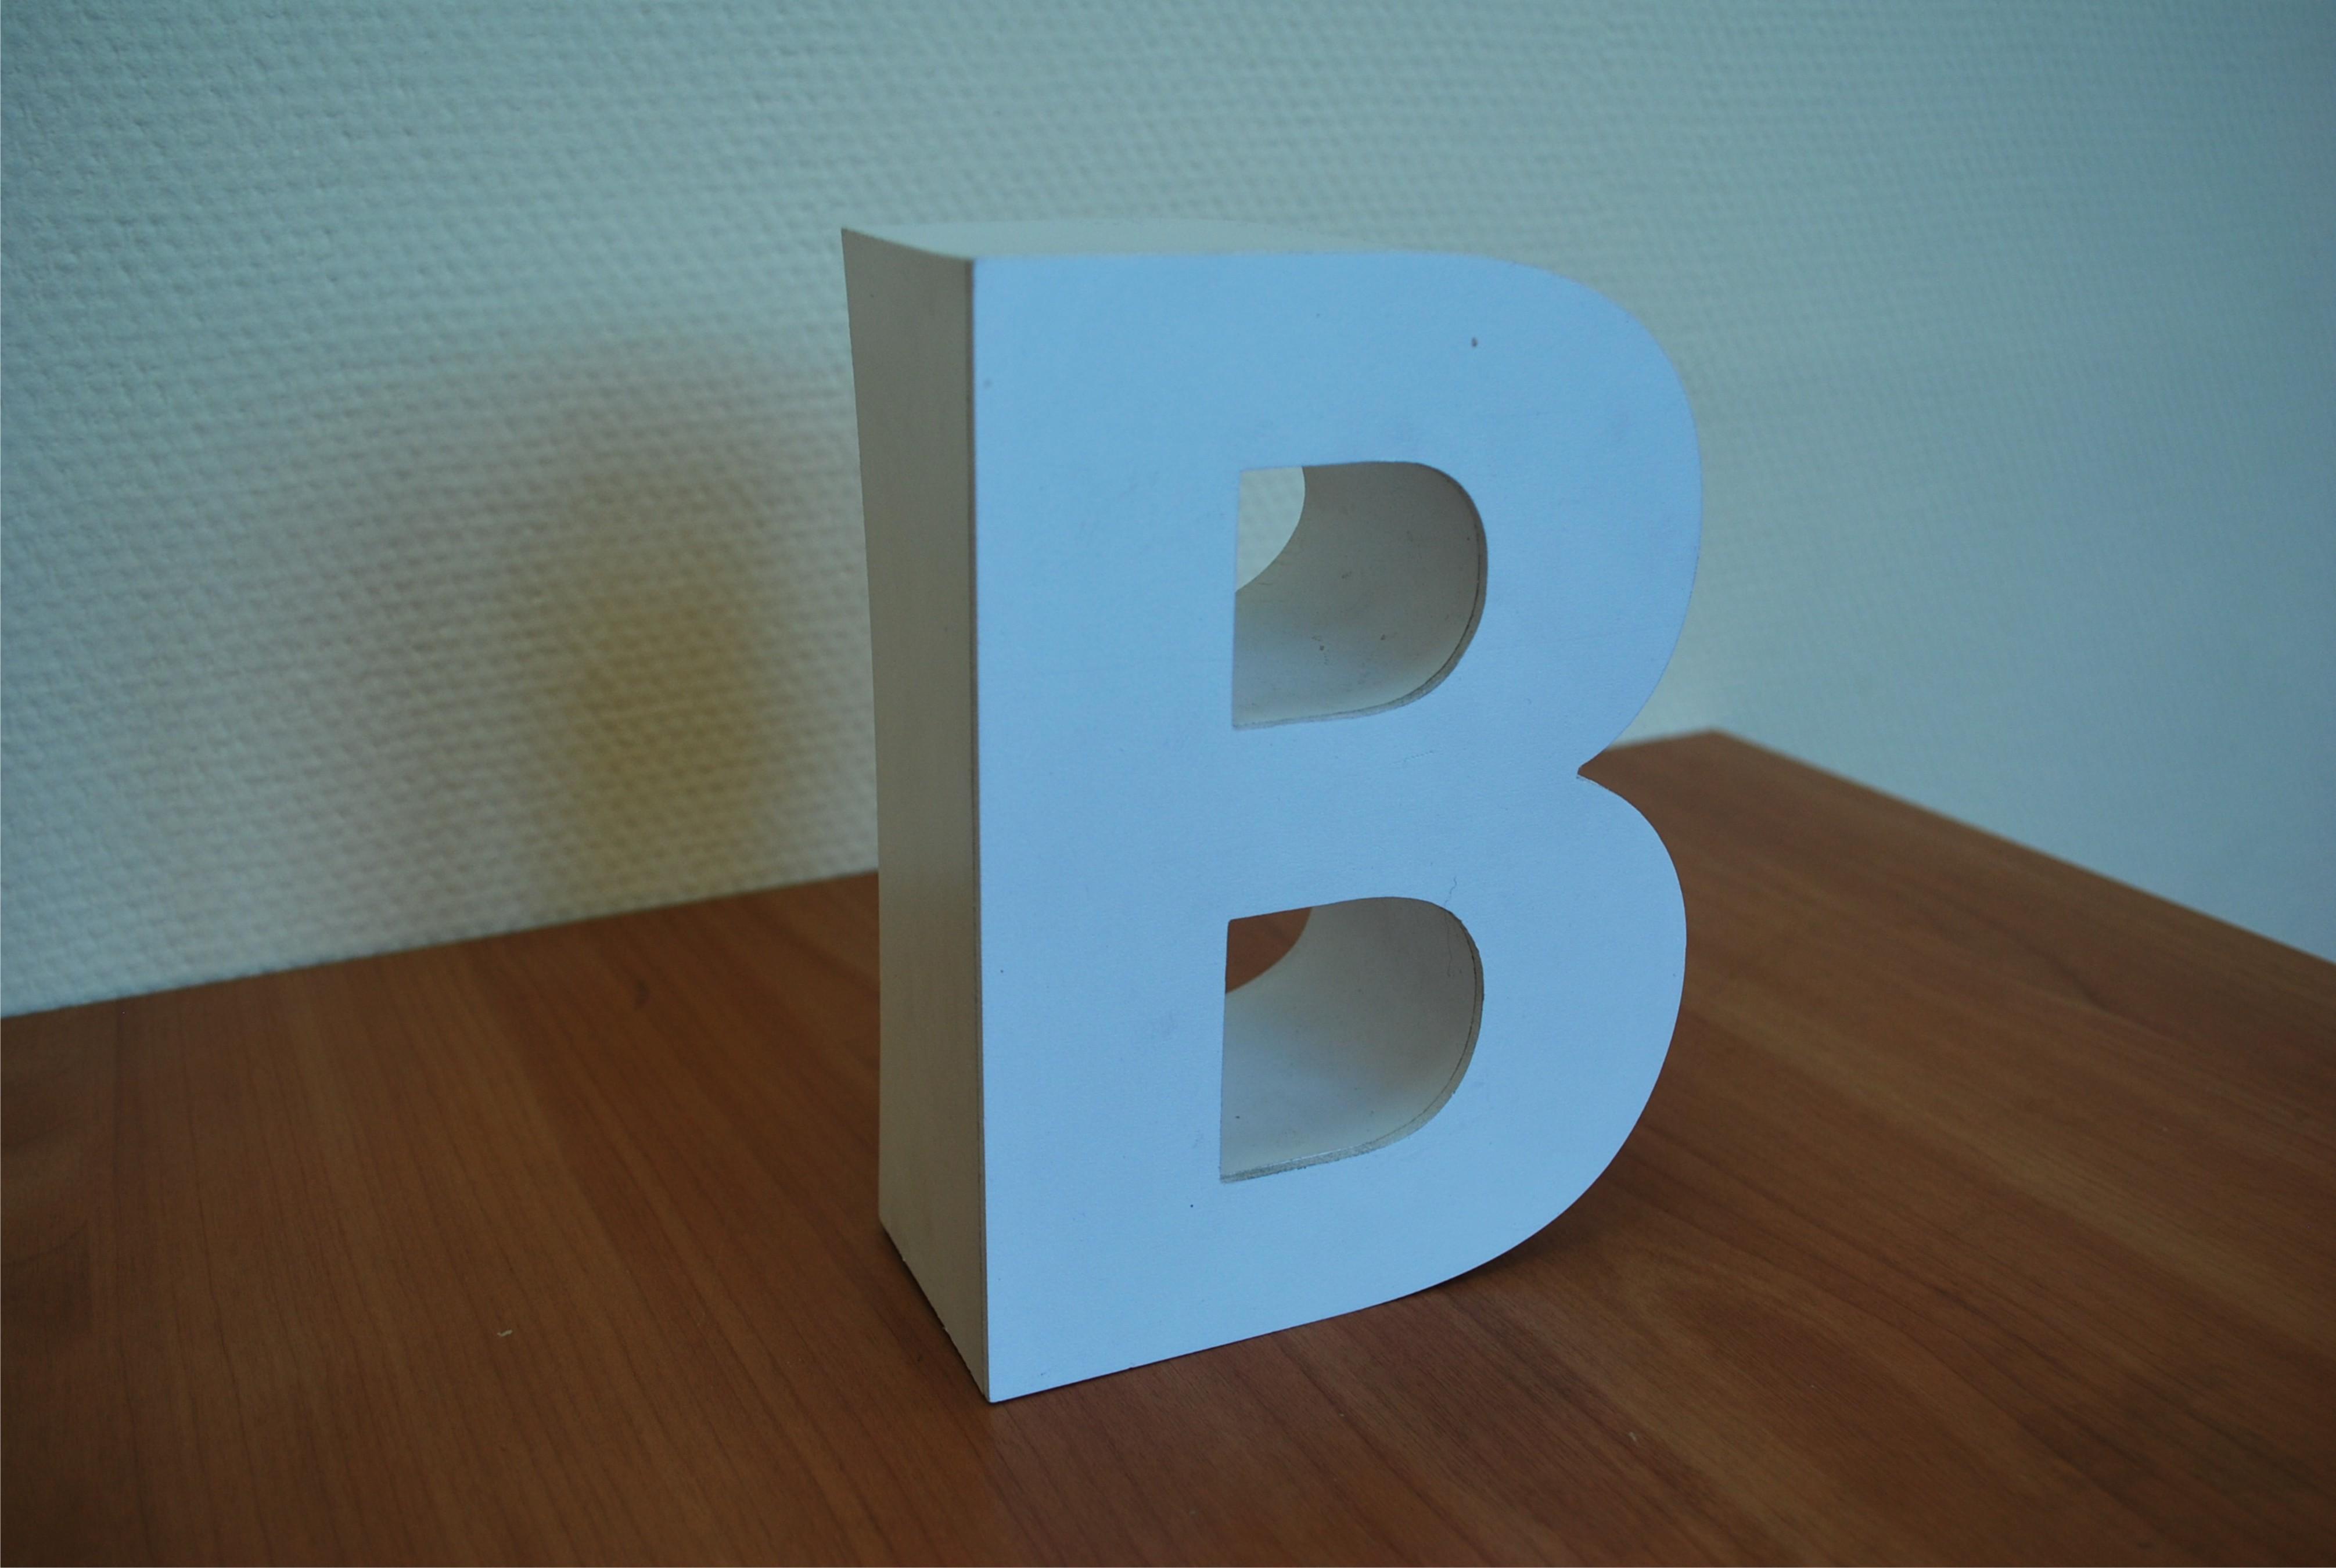 Как сделать буквы на фотографии